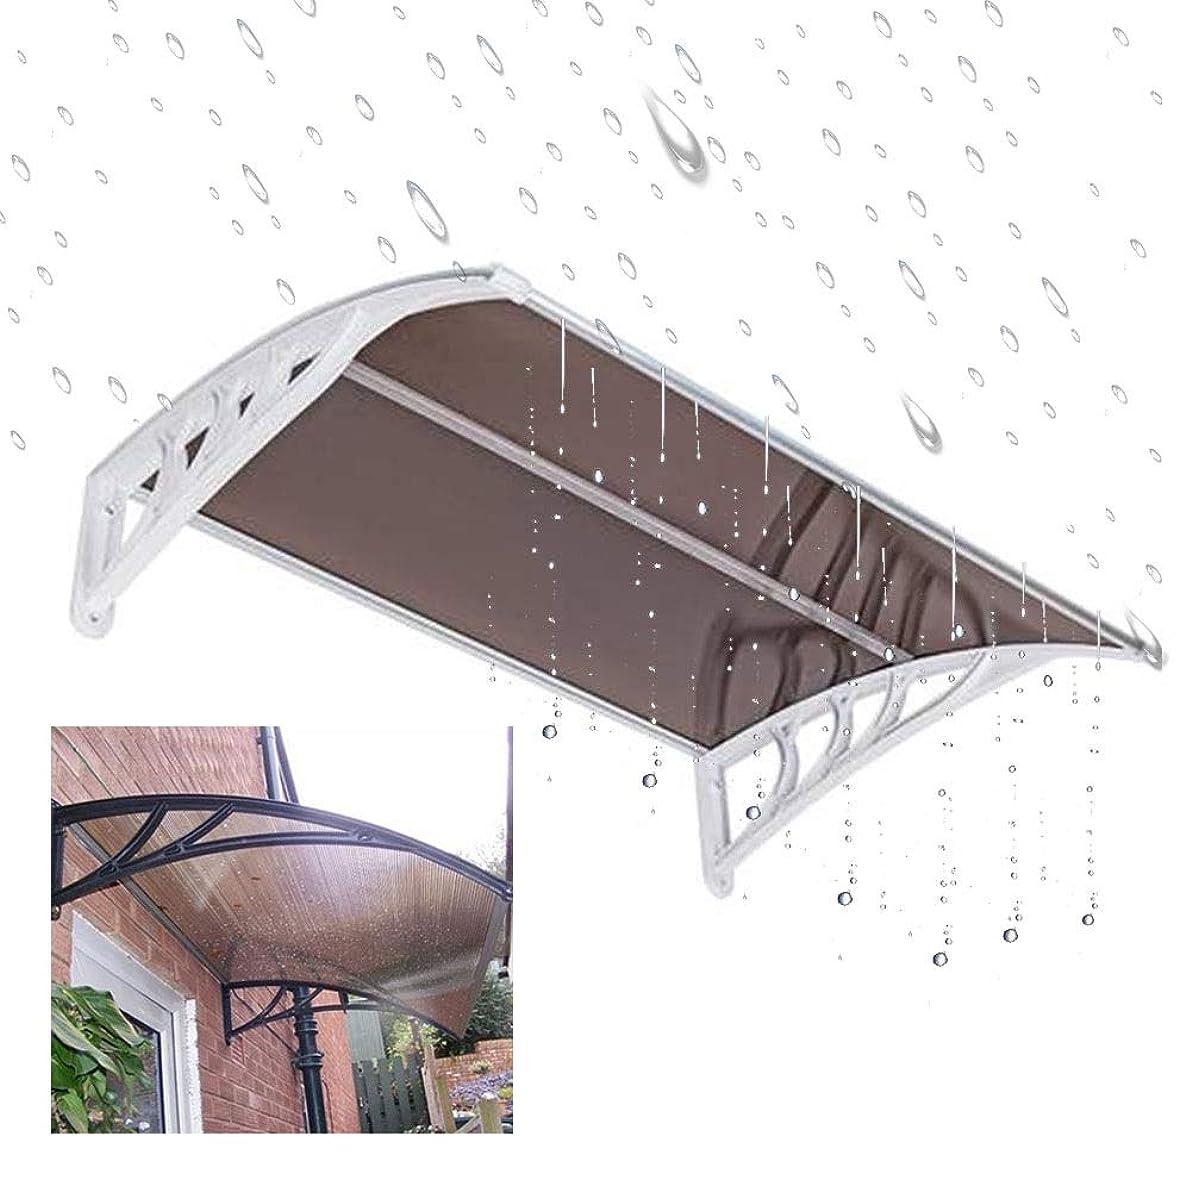 シャツ命令テントオーニングドアキャノピー ポリカーボネートカバードアや窓の日よけ、中空ボードアンチUV雨保護ポーチ雨キャノピーハウスのリノベーション FYRANG (Color : Brown, Size : 39.37 x 31.5 x 9.06')